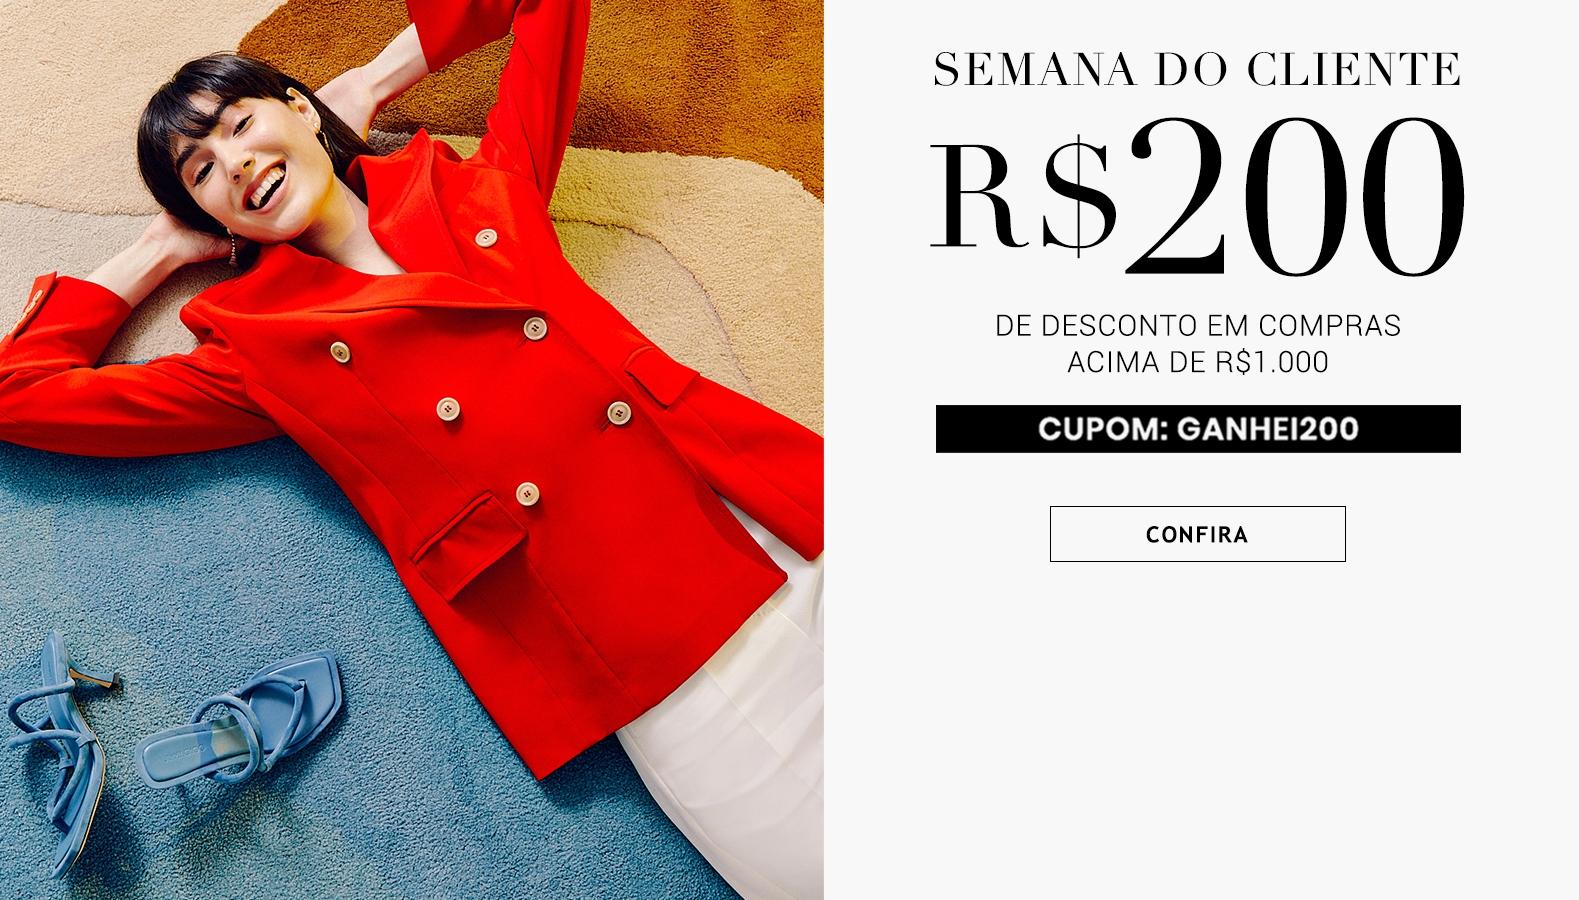 Semana do Cliente desconto moda de luxo brasil online cupom Iguatemi 365